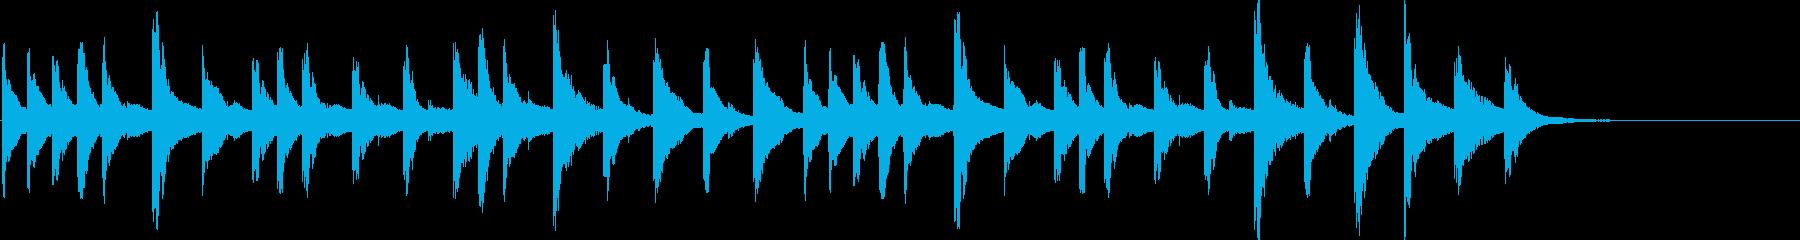 爽やかなマリンバのジングルの再生済みの波形